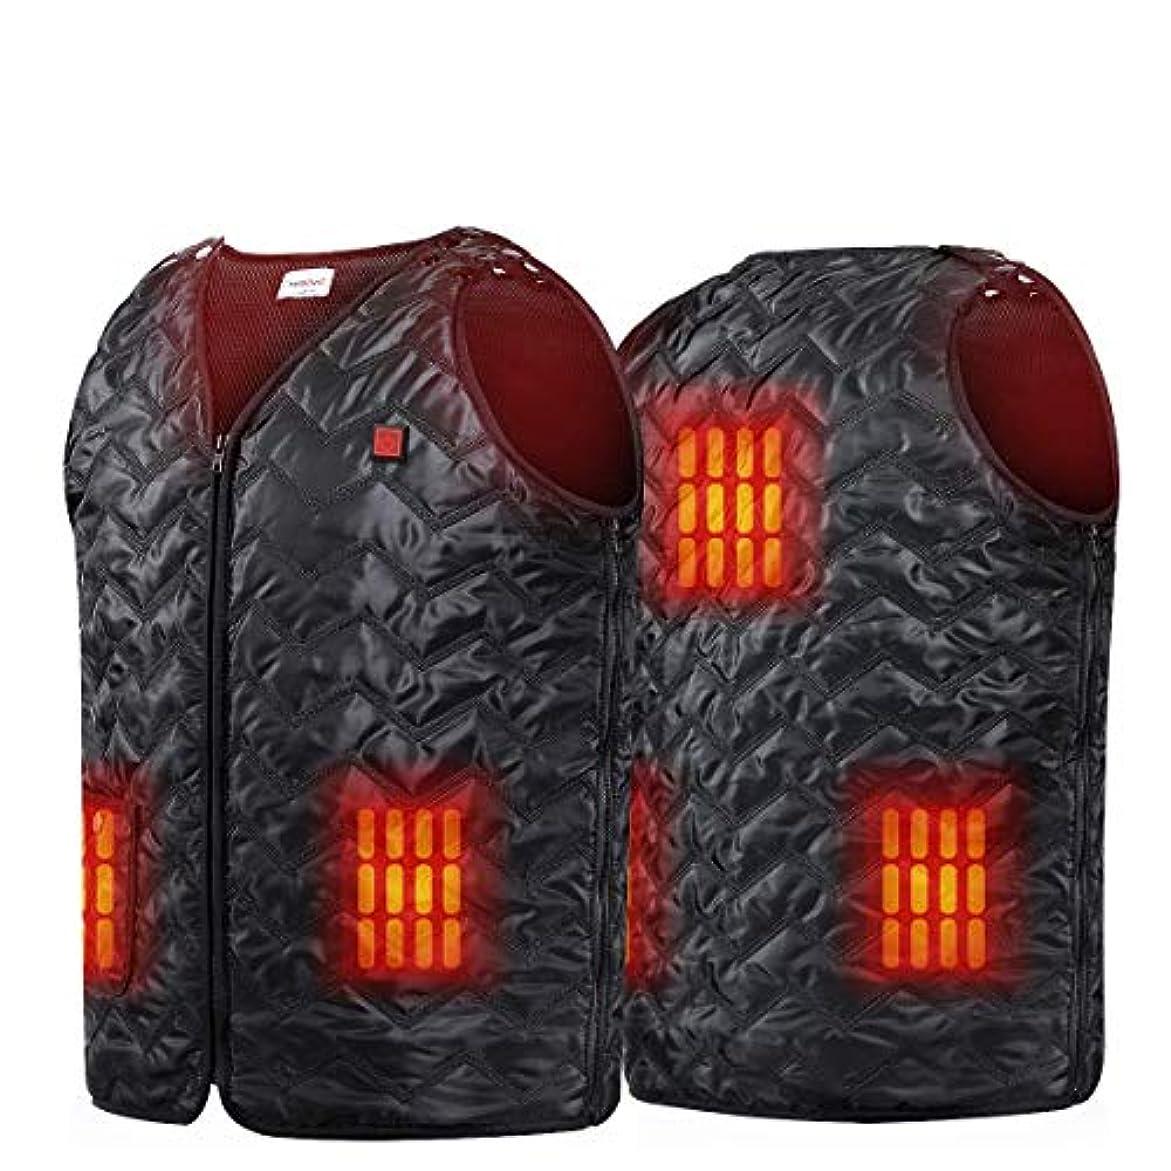 葬儀抑止する長老Niubalac 温水ベスト バイク用 ハイキング 狩猟 釣り スキー用 5パネル加熱服サイズ調節可能なウォッシャブル軽量鎮痛剤を充電USB アウトドアアクティビティは男性女性ユニセックス 適合します Lサイズ ブラック